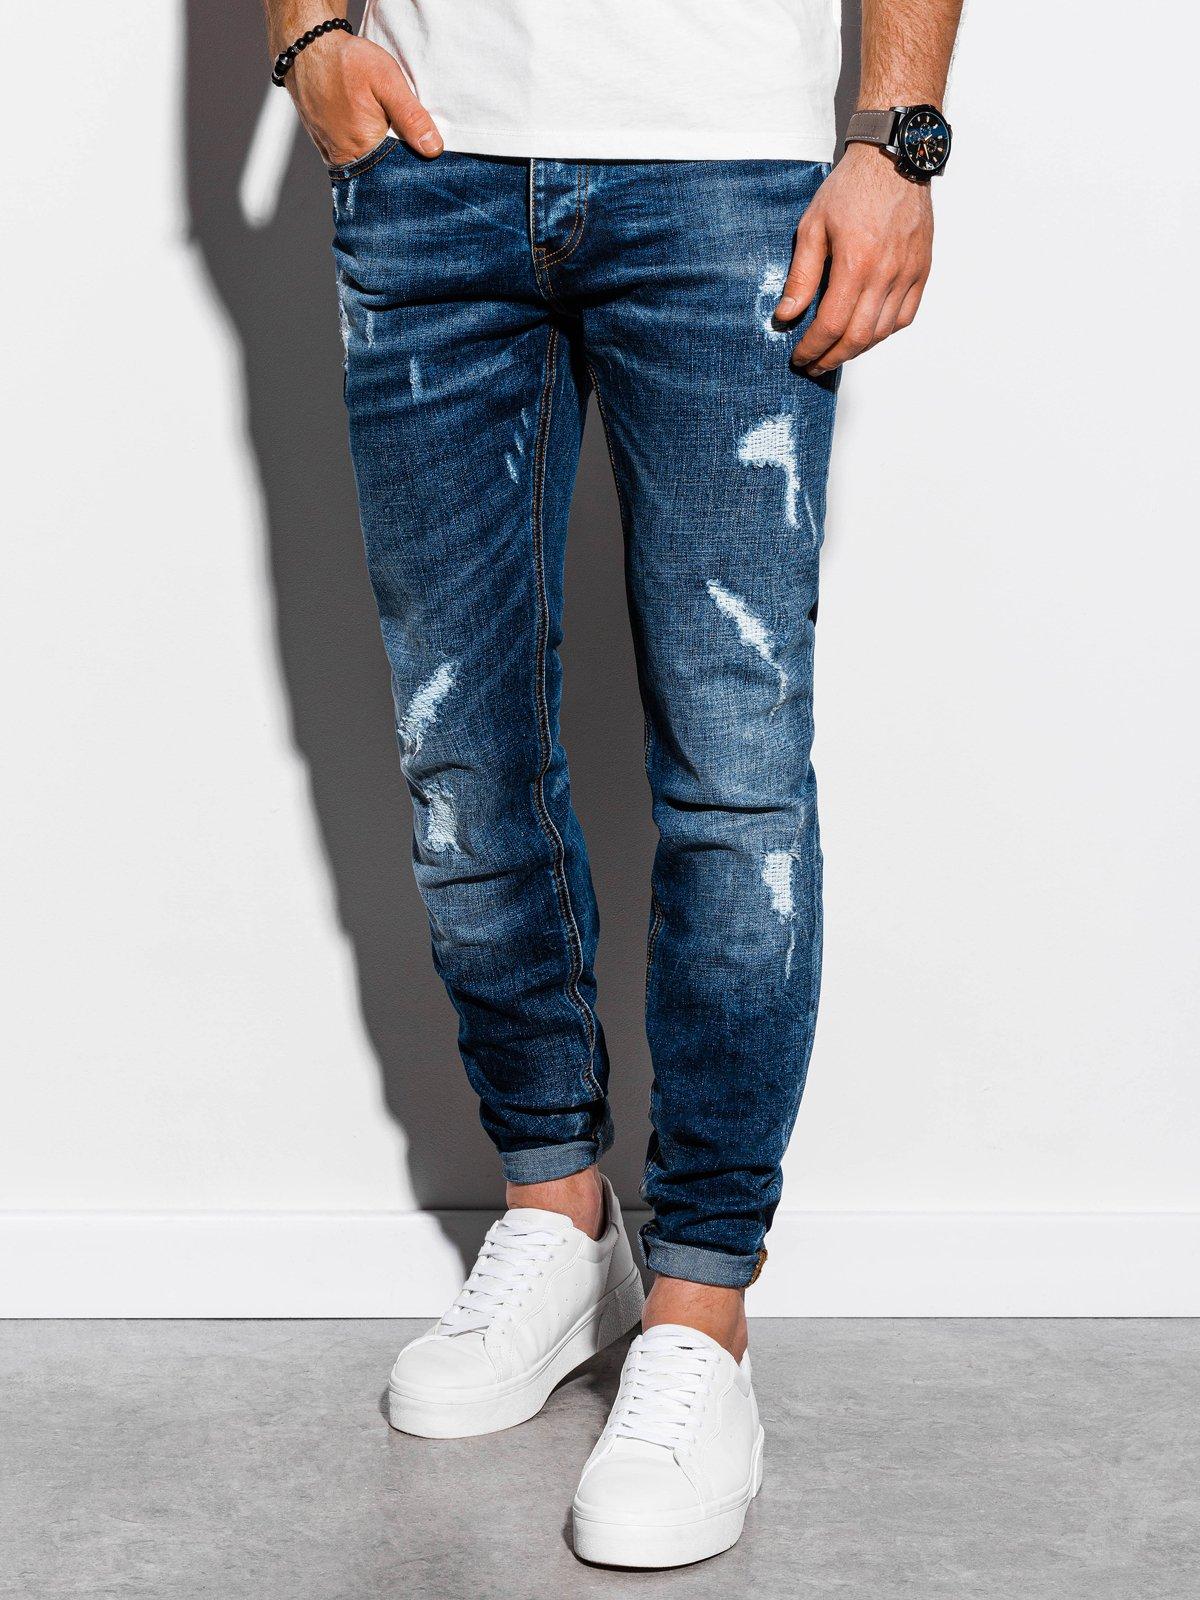 Spodnie męskie jeansowe P861 - niebieskie